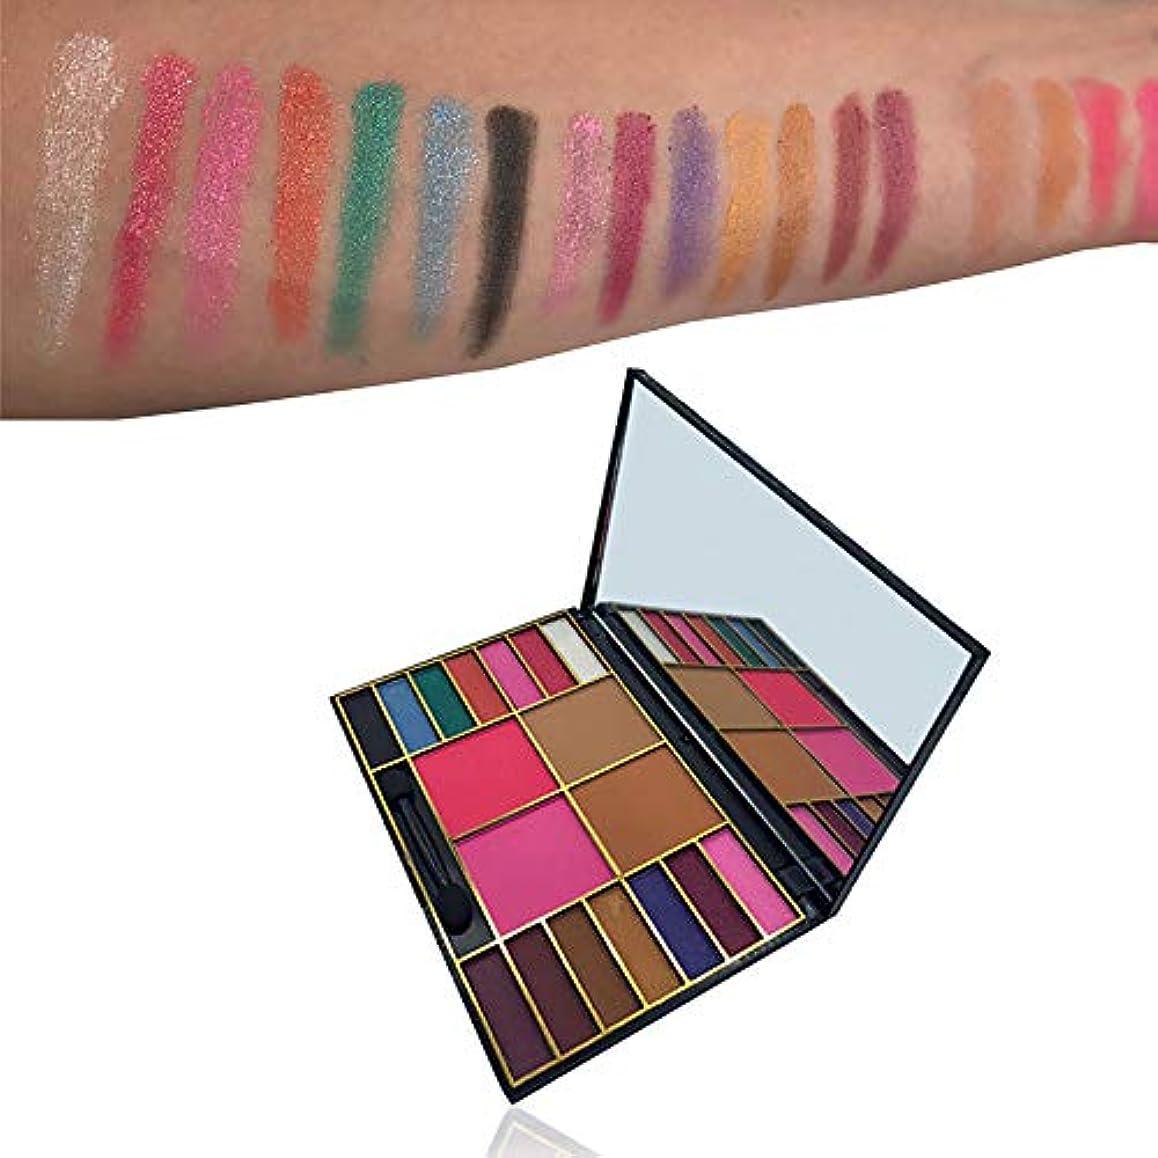 化粧品メイクアップシマーマット18色アイシャドーパレットソンブラ